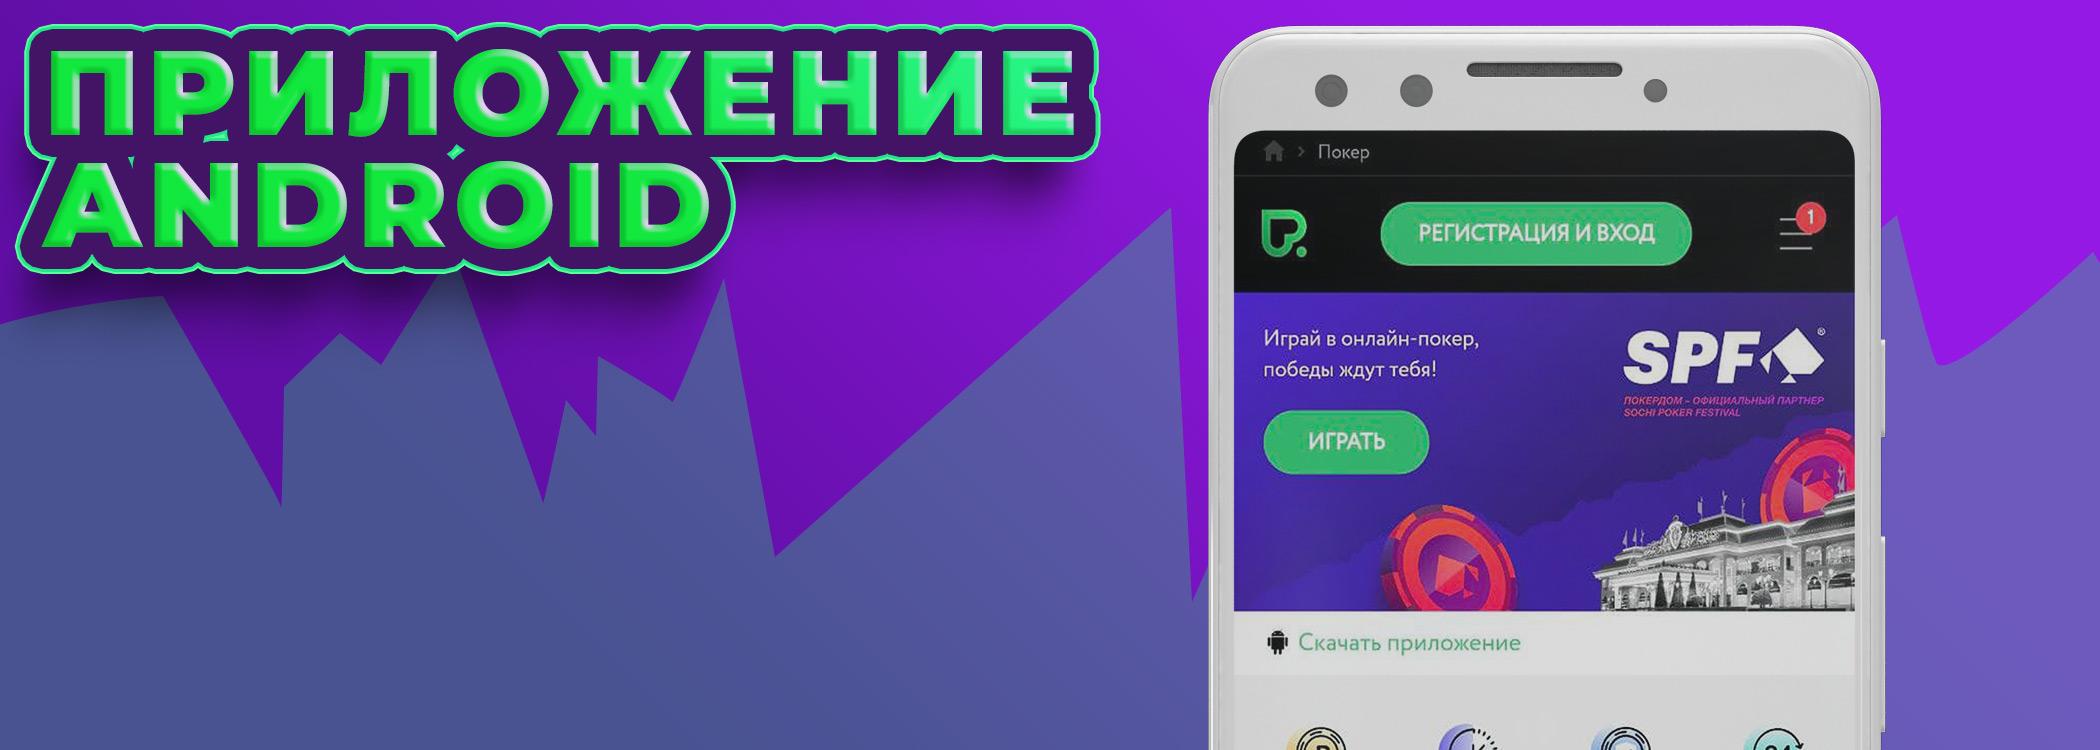 Приложение Android покерного рума Покердом.